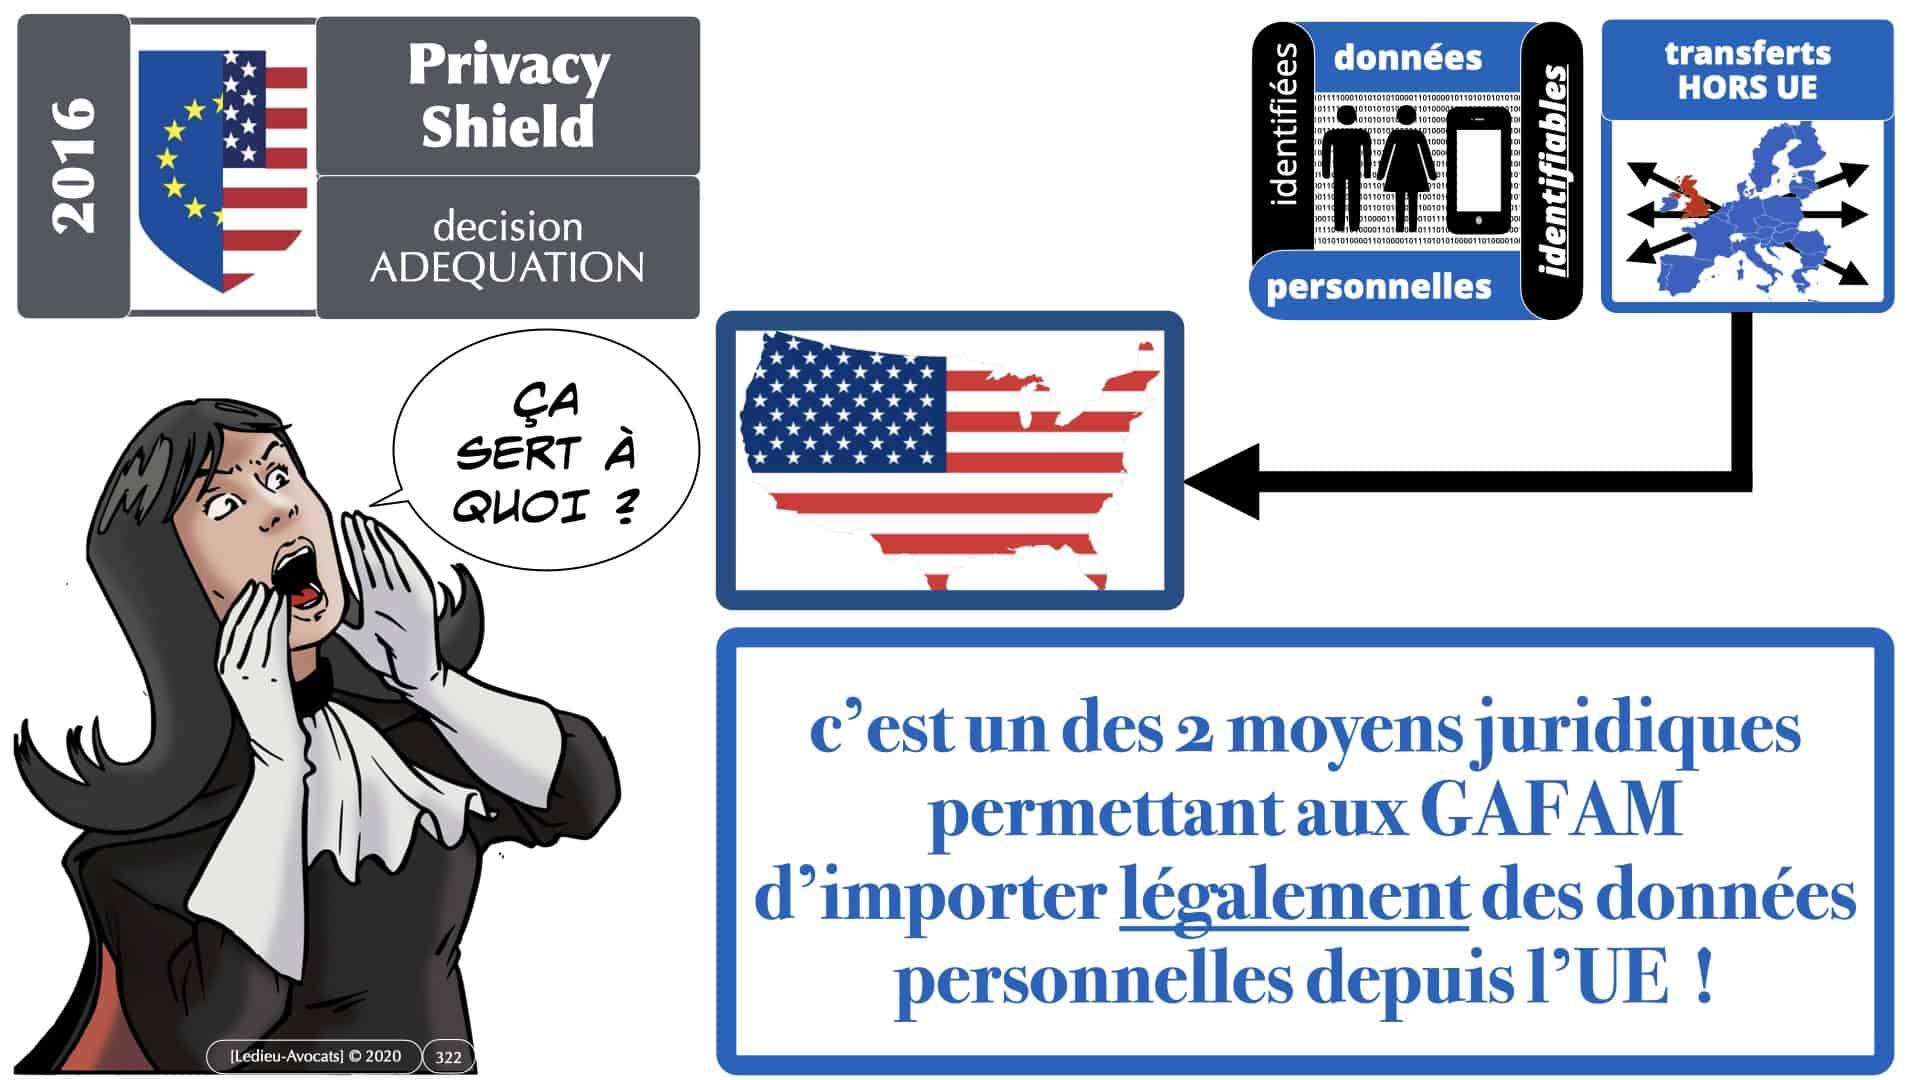 RGPD e-Privacy données personnelles jurisprudence formation Lamy Les Echos 10-02-2021 ©Ledieu-Avocats.322